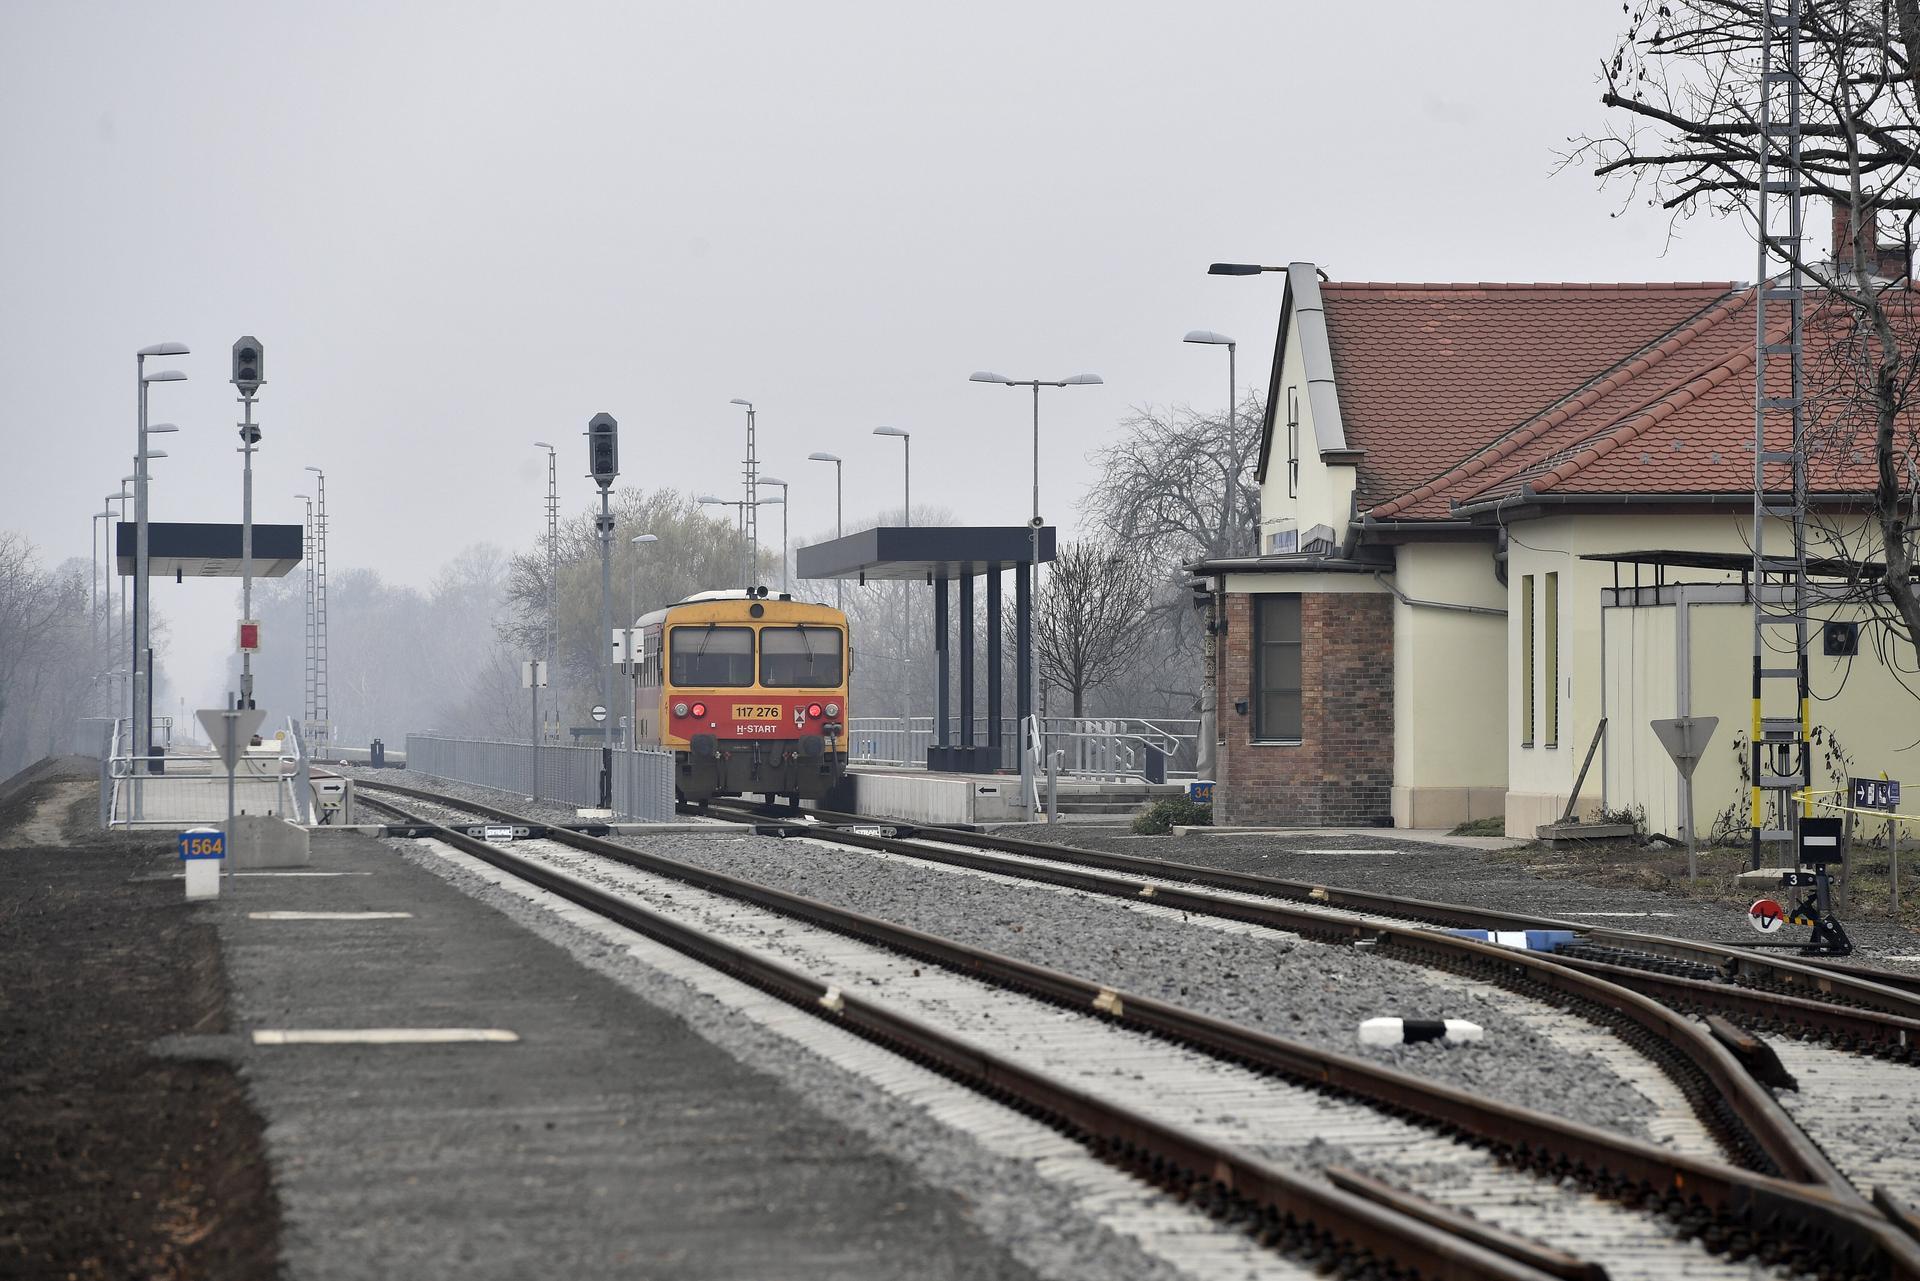 Vásárhely egy pöppet már úgy néz ki, mintha Nyugat-Európában lenne a tram-train miatt